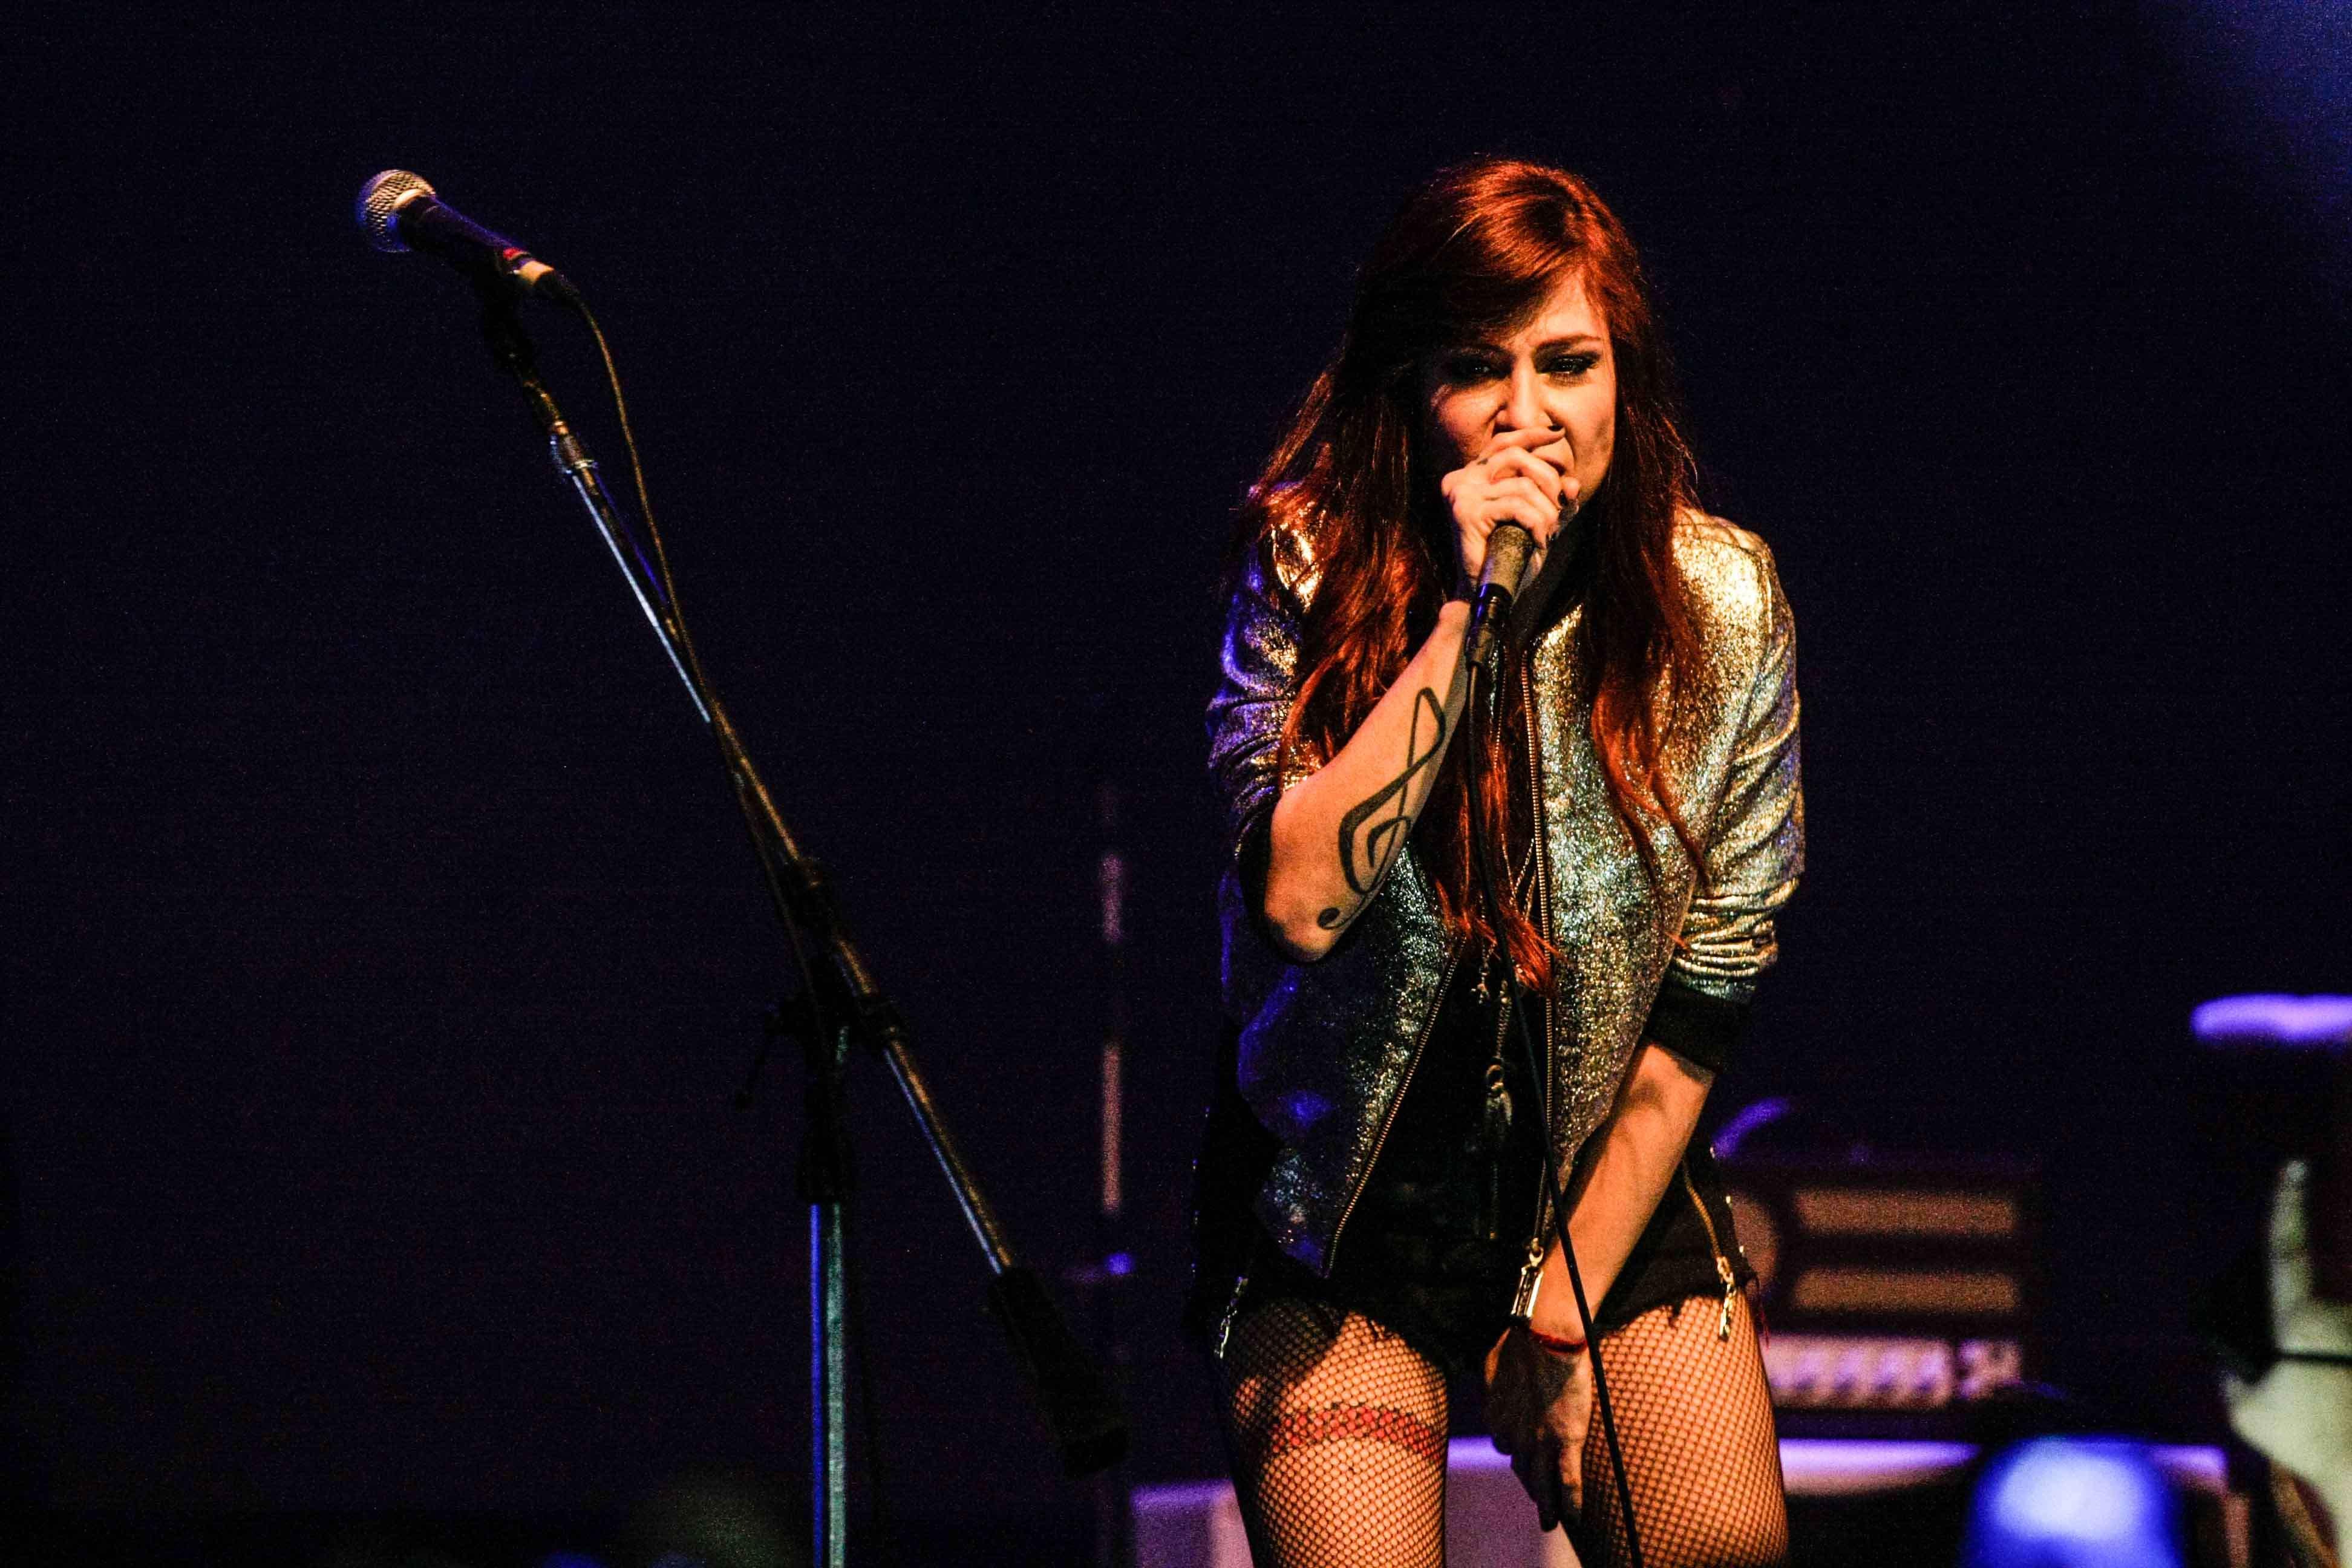 A cantora baiana Pitty apresentou o álbum 'Sete Vidas' no Audio Club, em São Paulo Foto: Leo Franco/AgNews